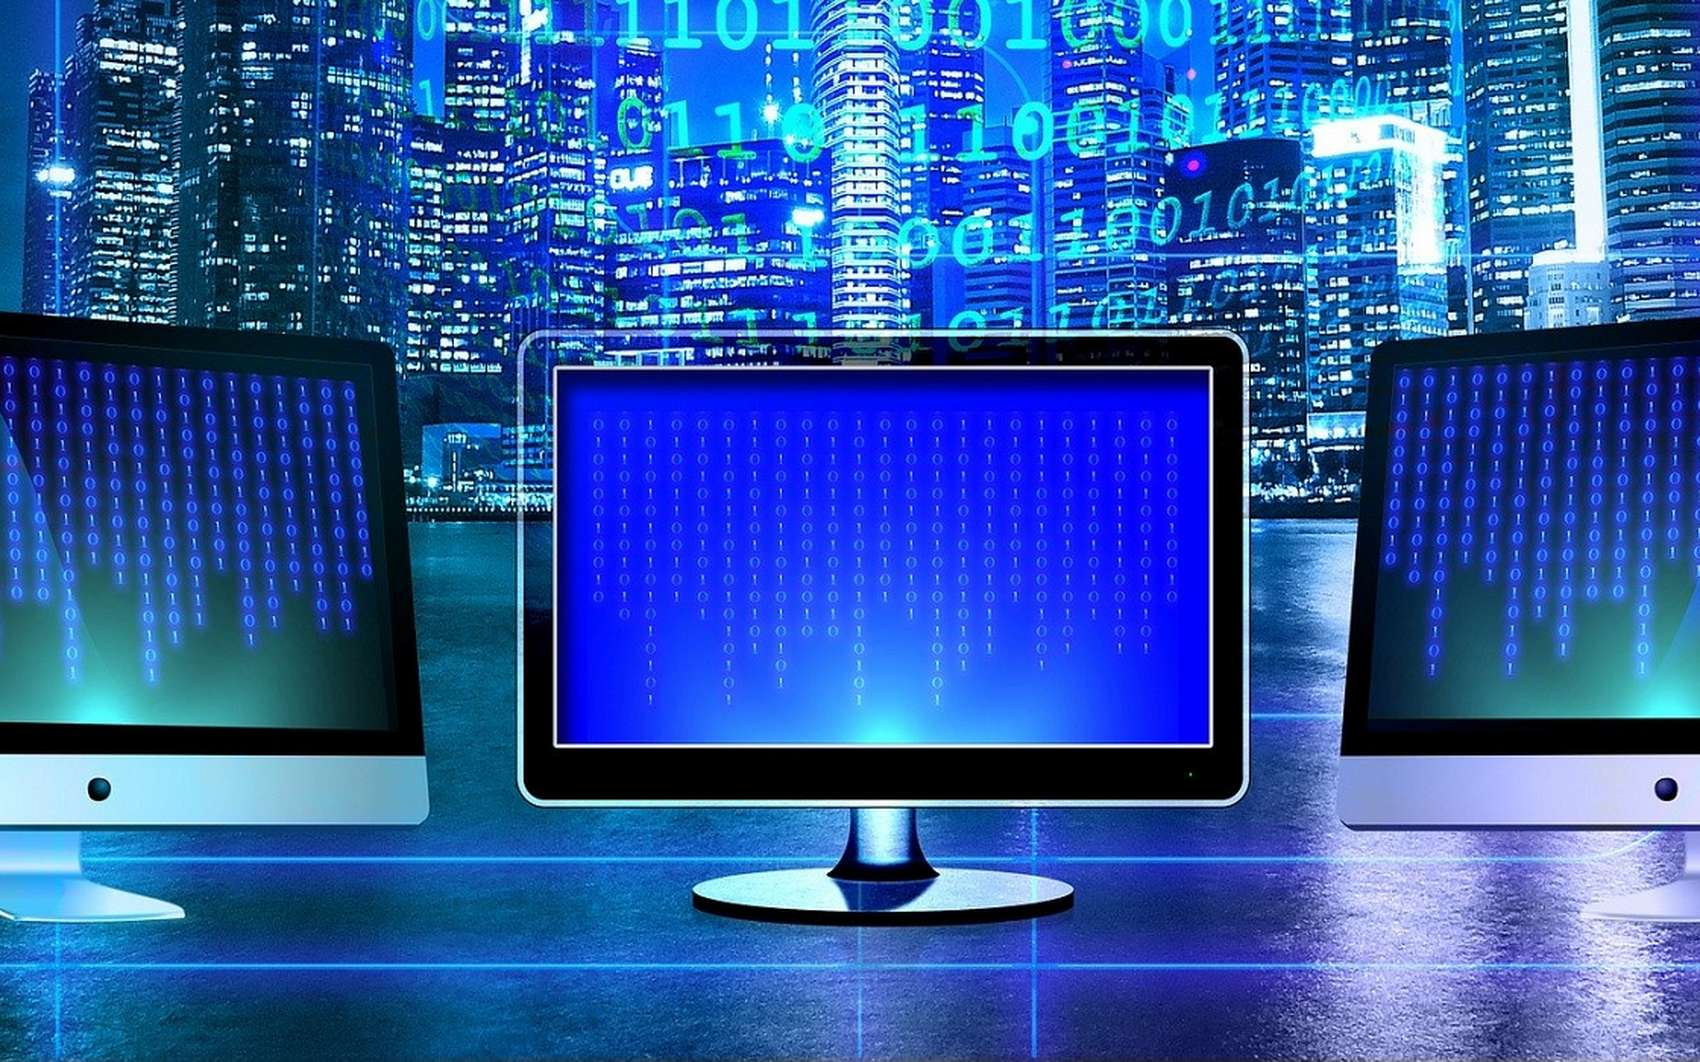 Le périphérique de sortie vidéo d'un ordinateur s'appelle un moniteur. © Geralt, Pixabay